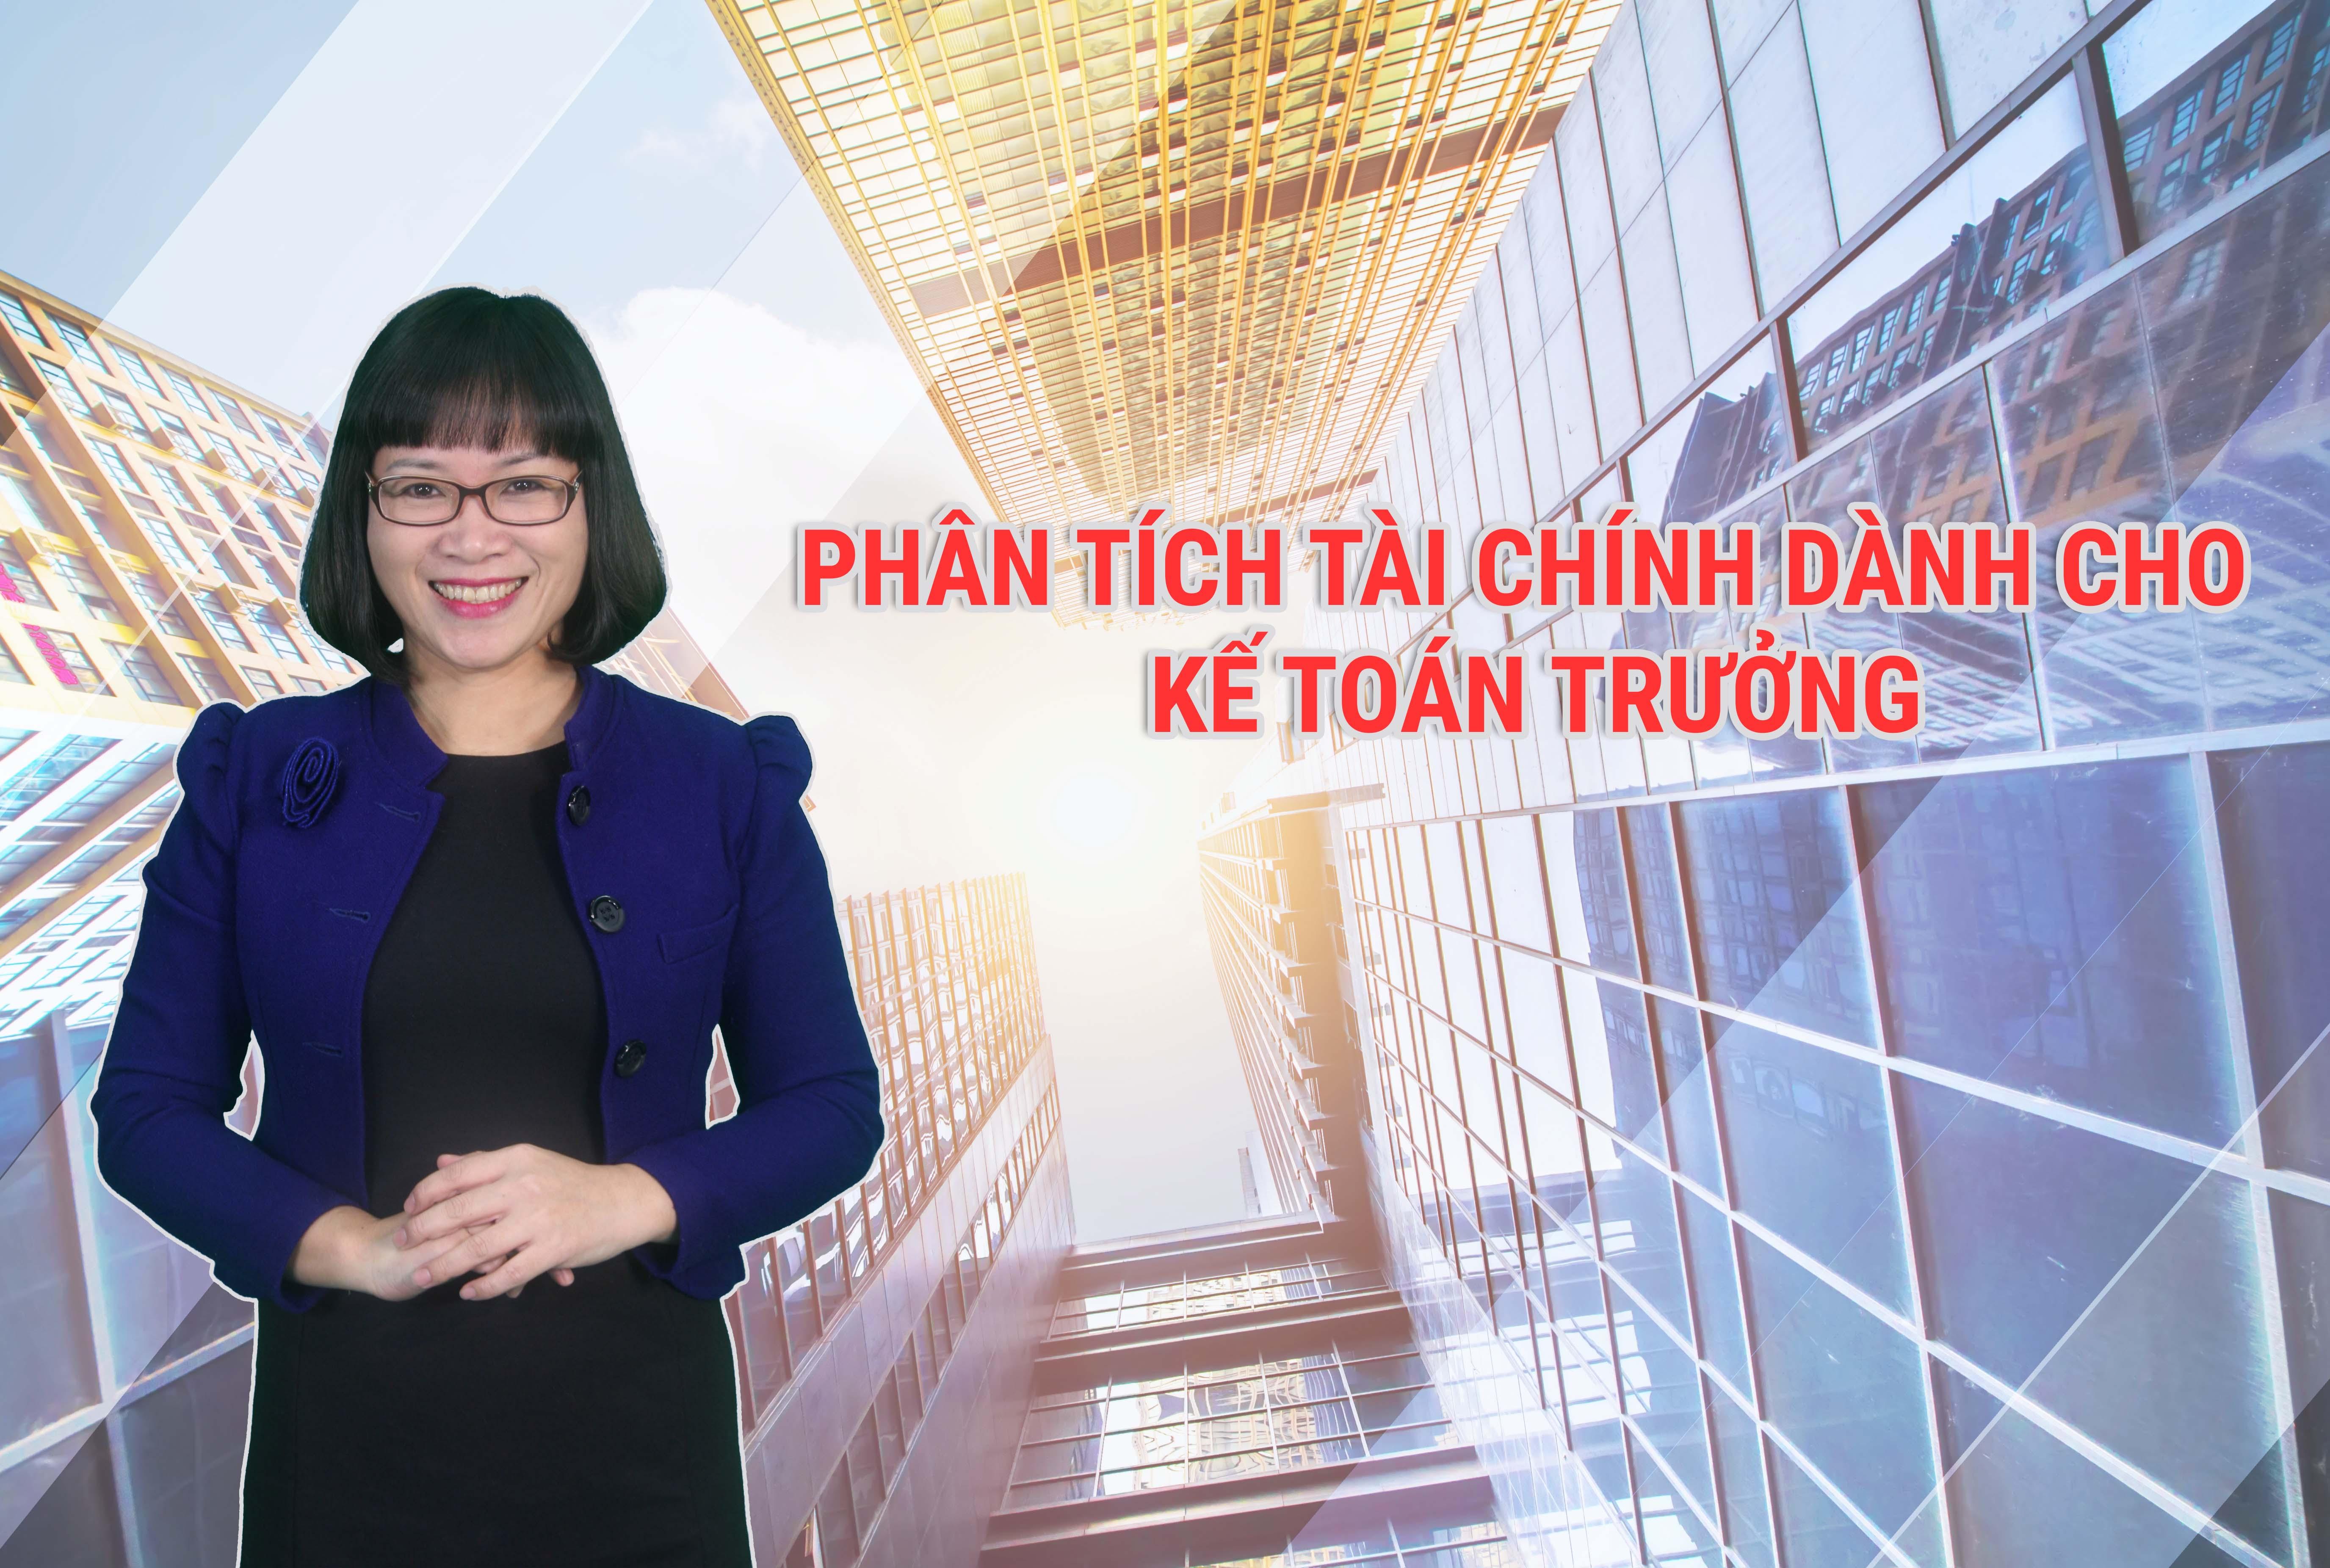 Phân tích Tài chính doanh nghiệp dành cho Kế toán trưởng